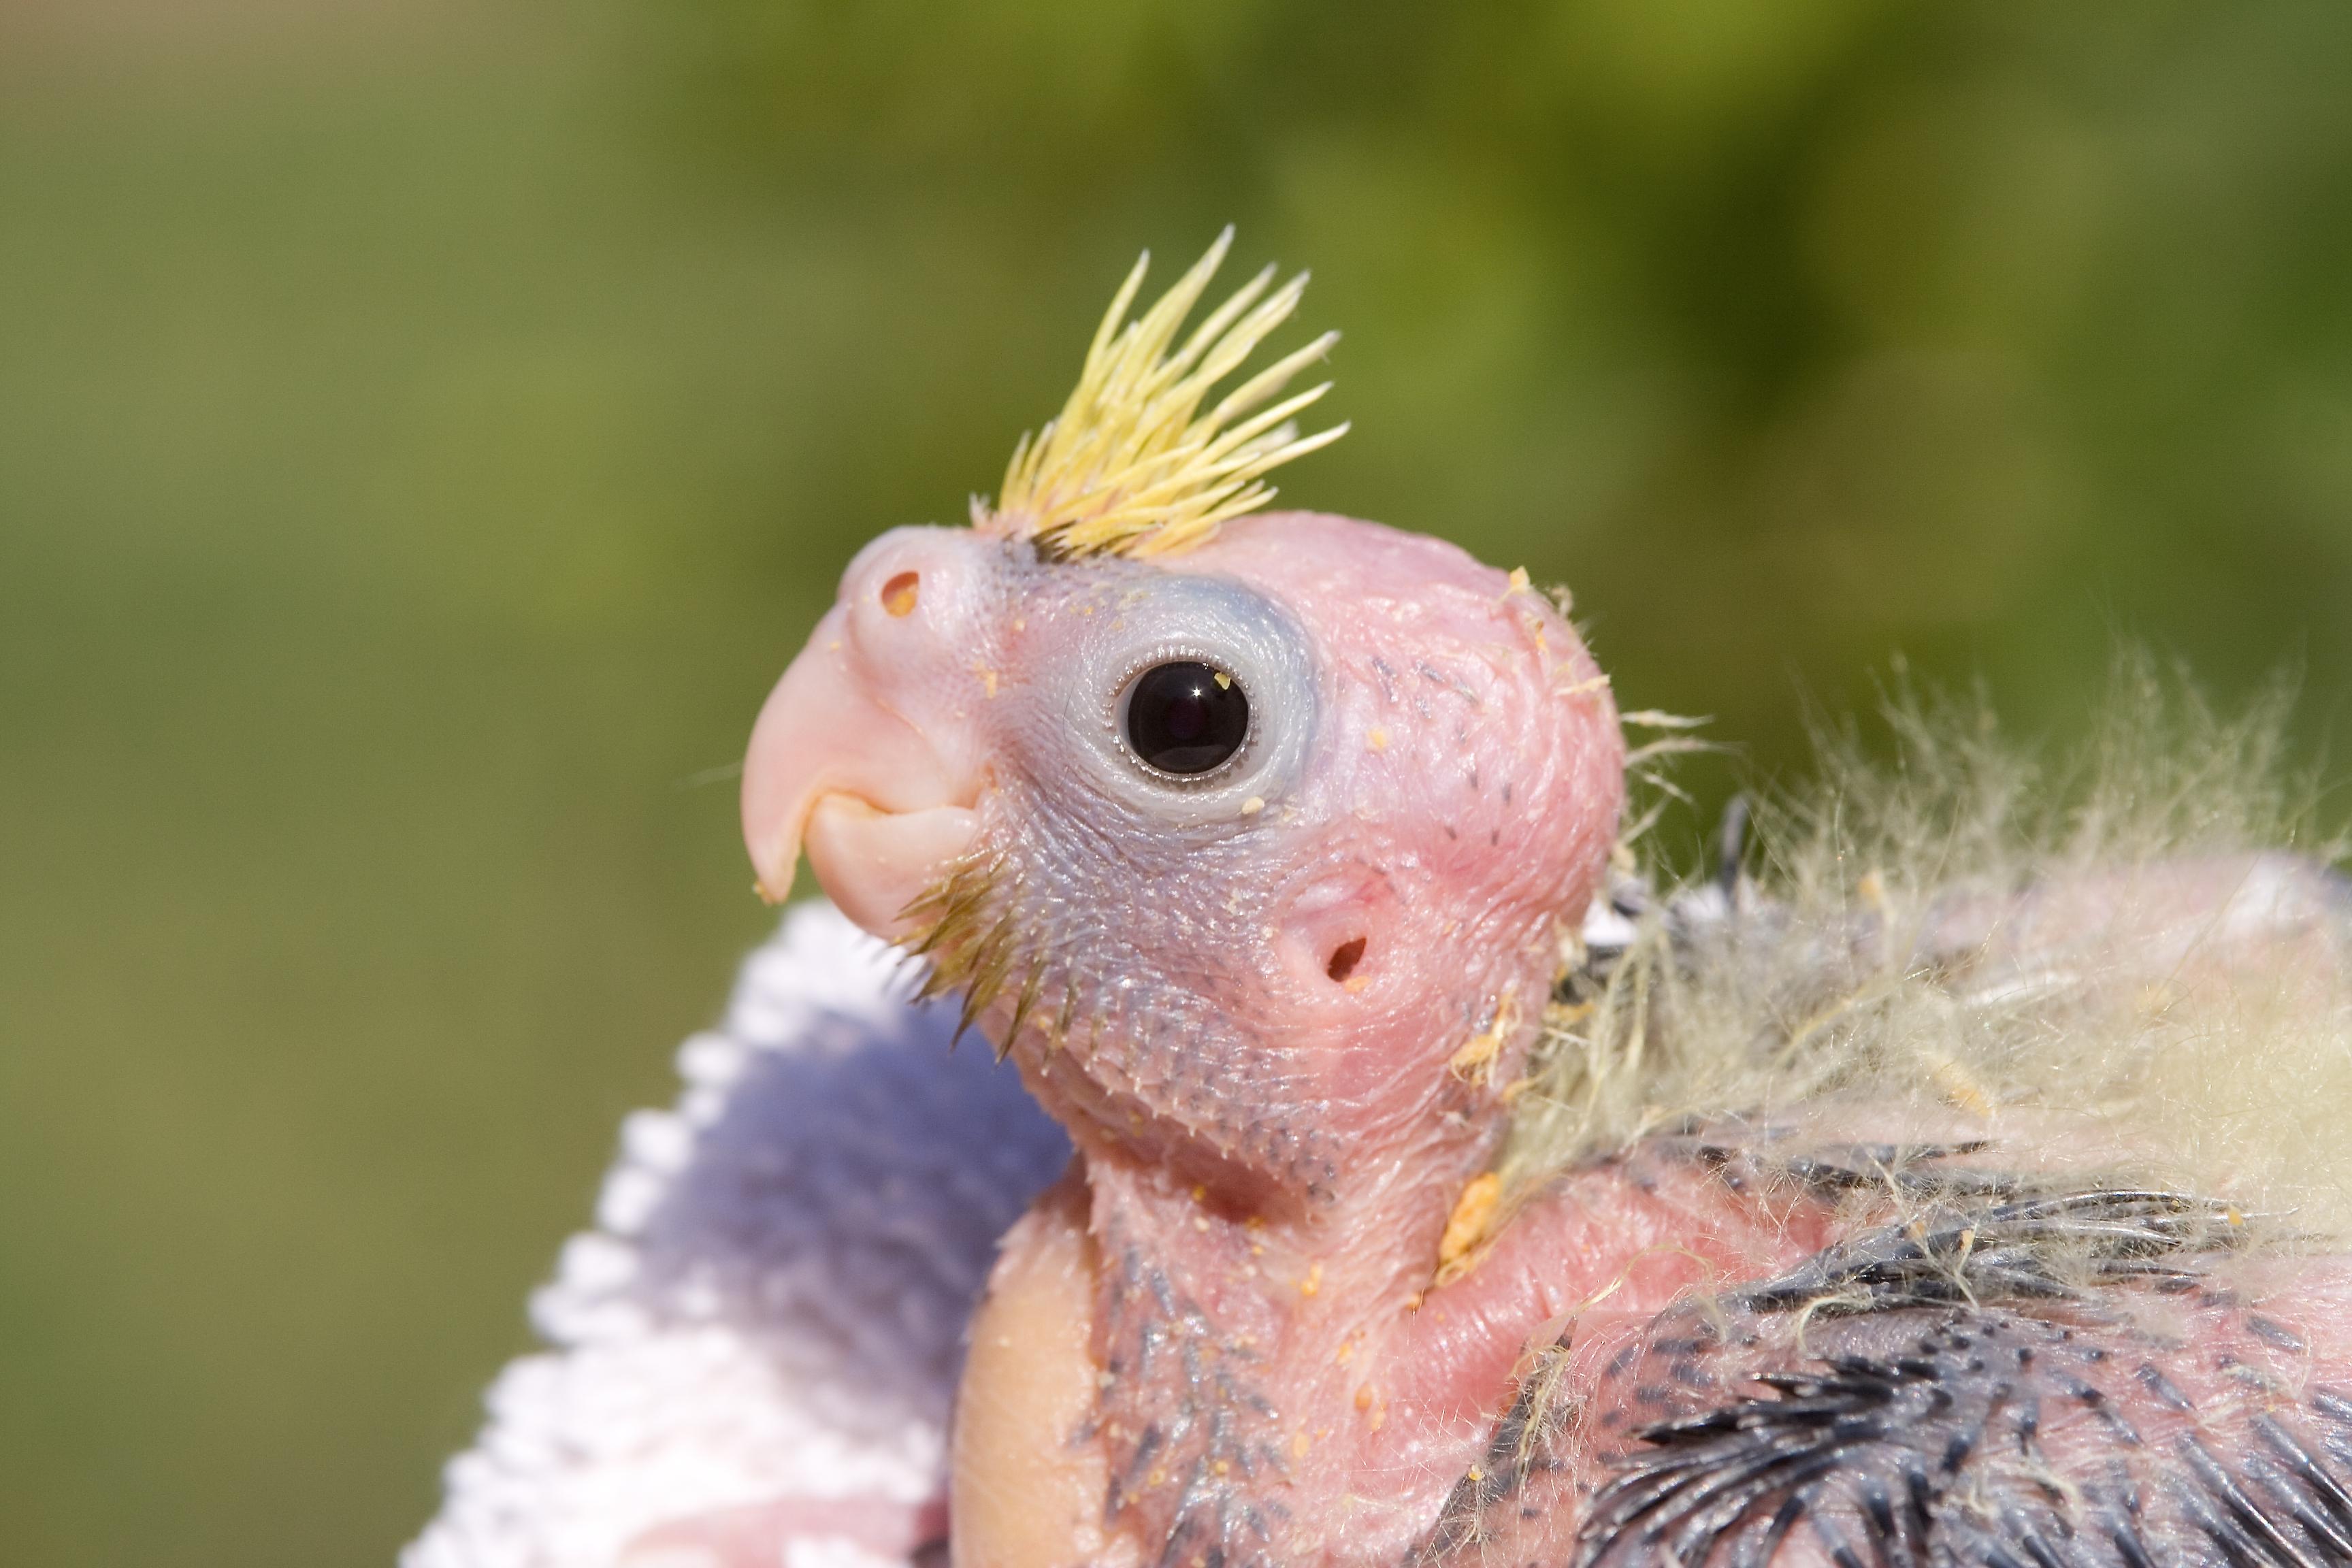 Emergencia com sua Calopsita  Nymphicus_hollandicus_-chick_-upper_body-8